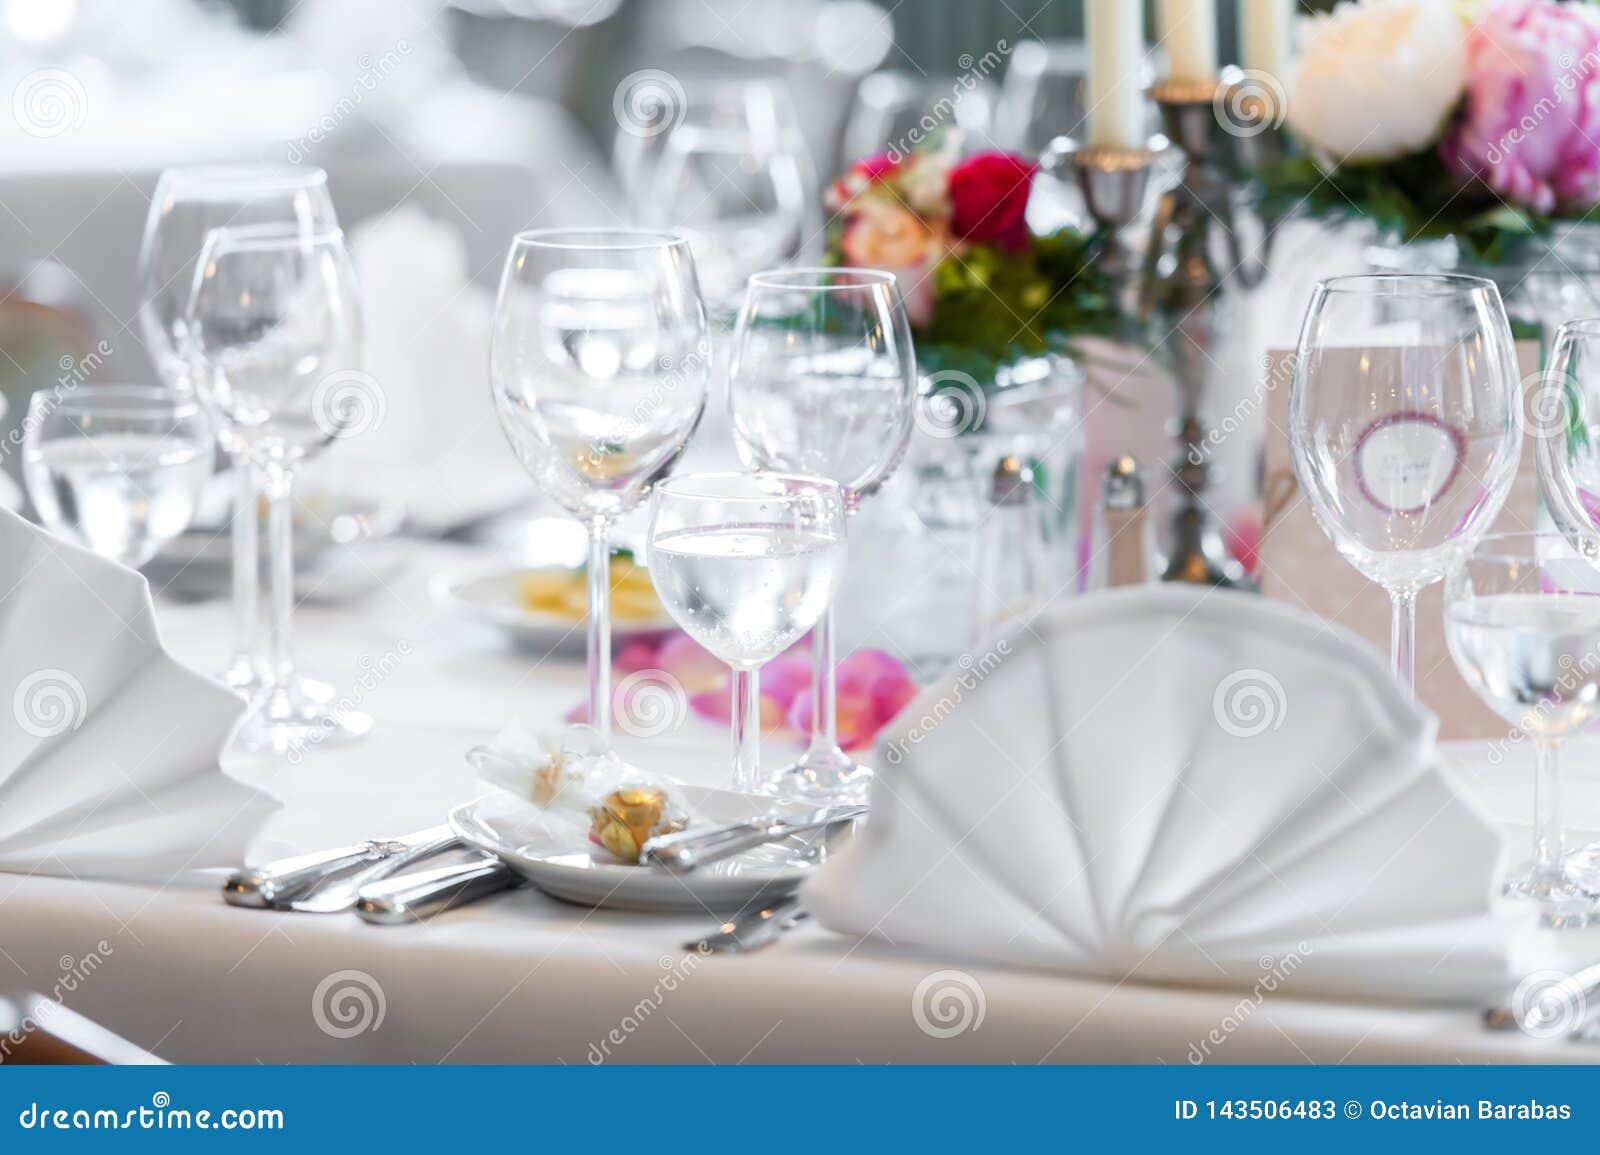 De decoratie van de huwelijkslijst in restaurant